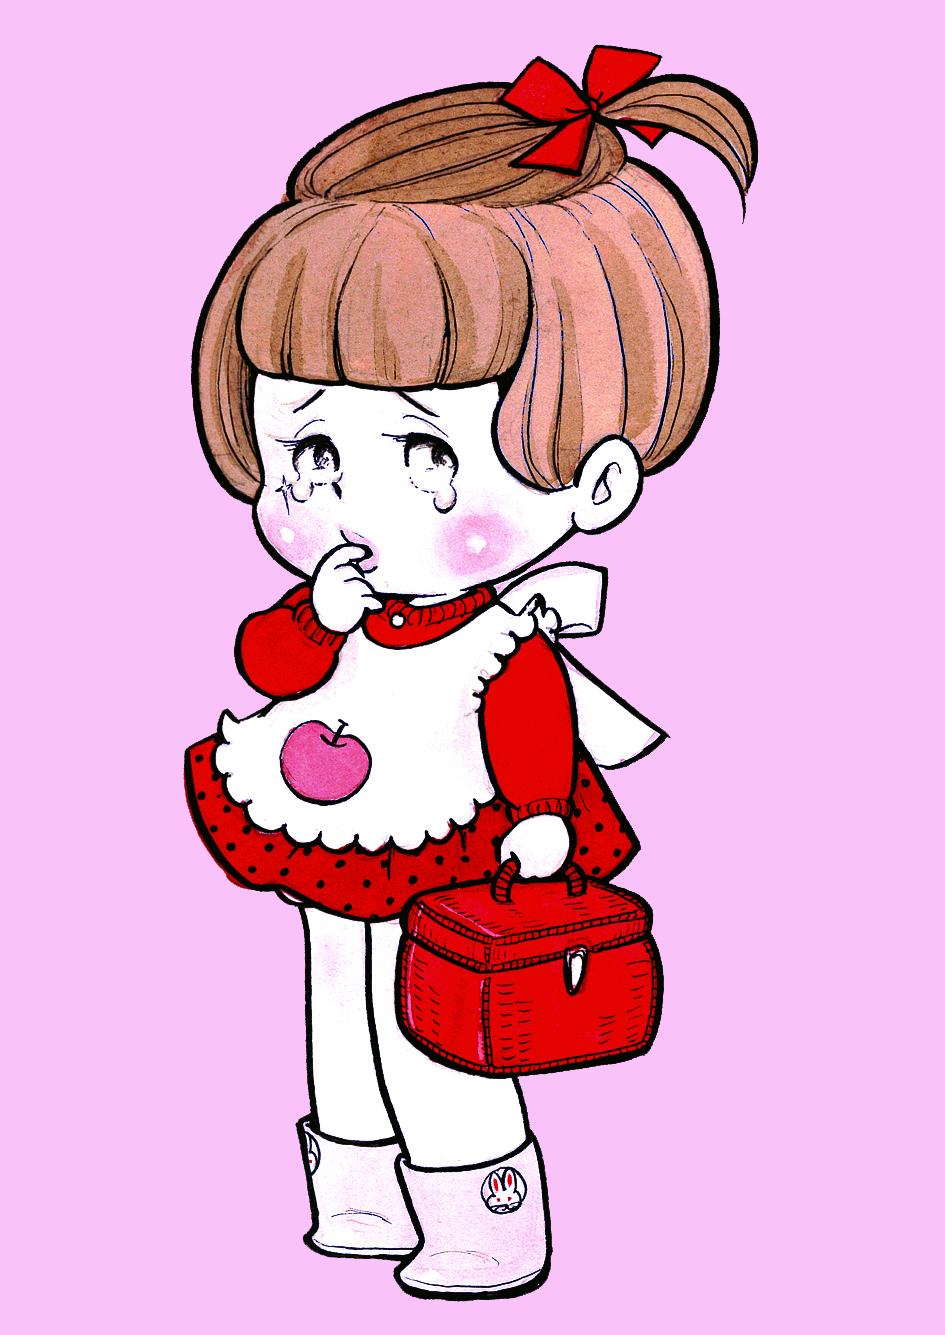 人気御礼!『ハッスルゆうちゃん』2巻からかわいい女子をご紹介【HEW電子コミック紹介】